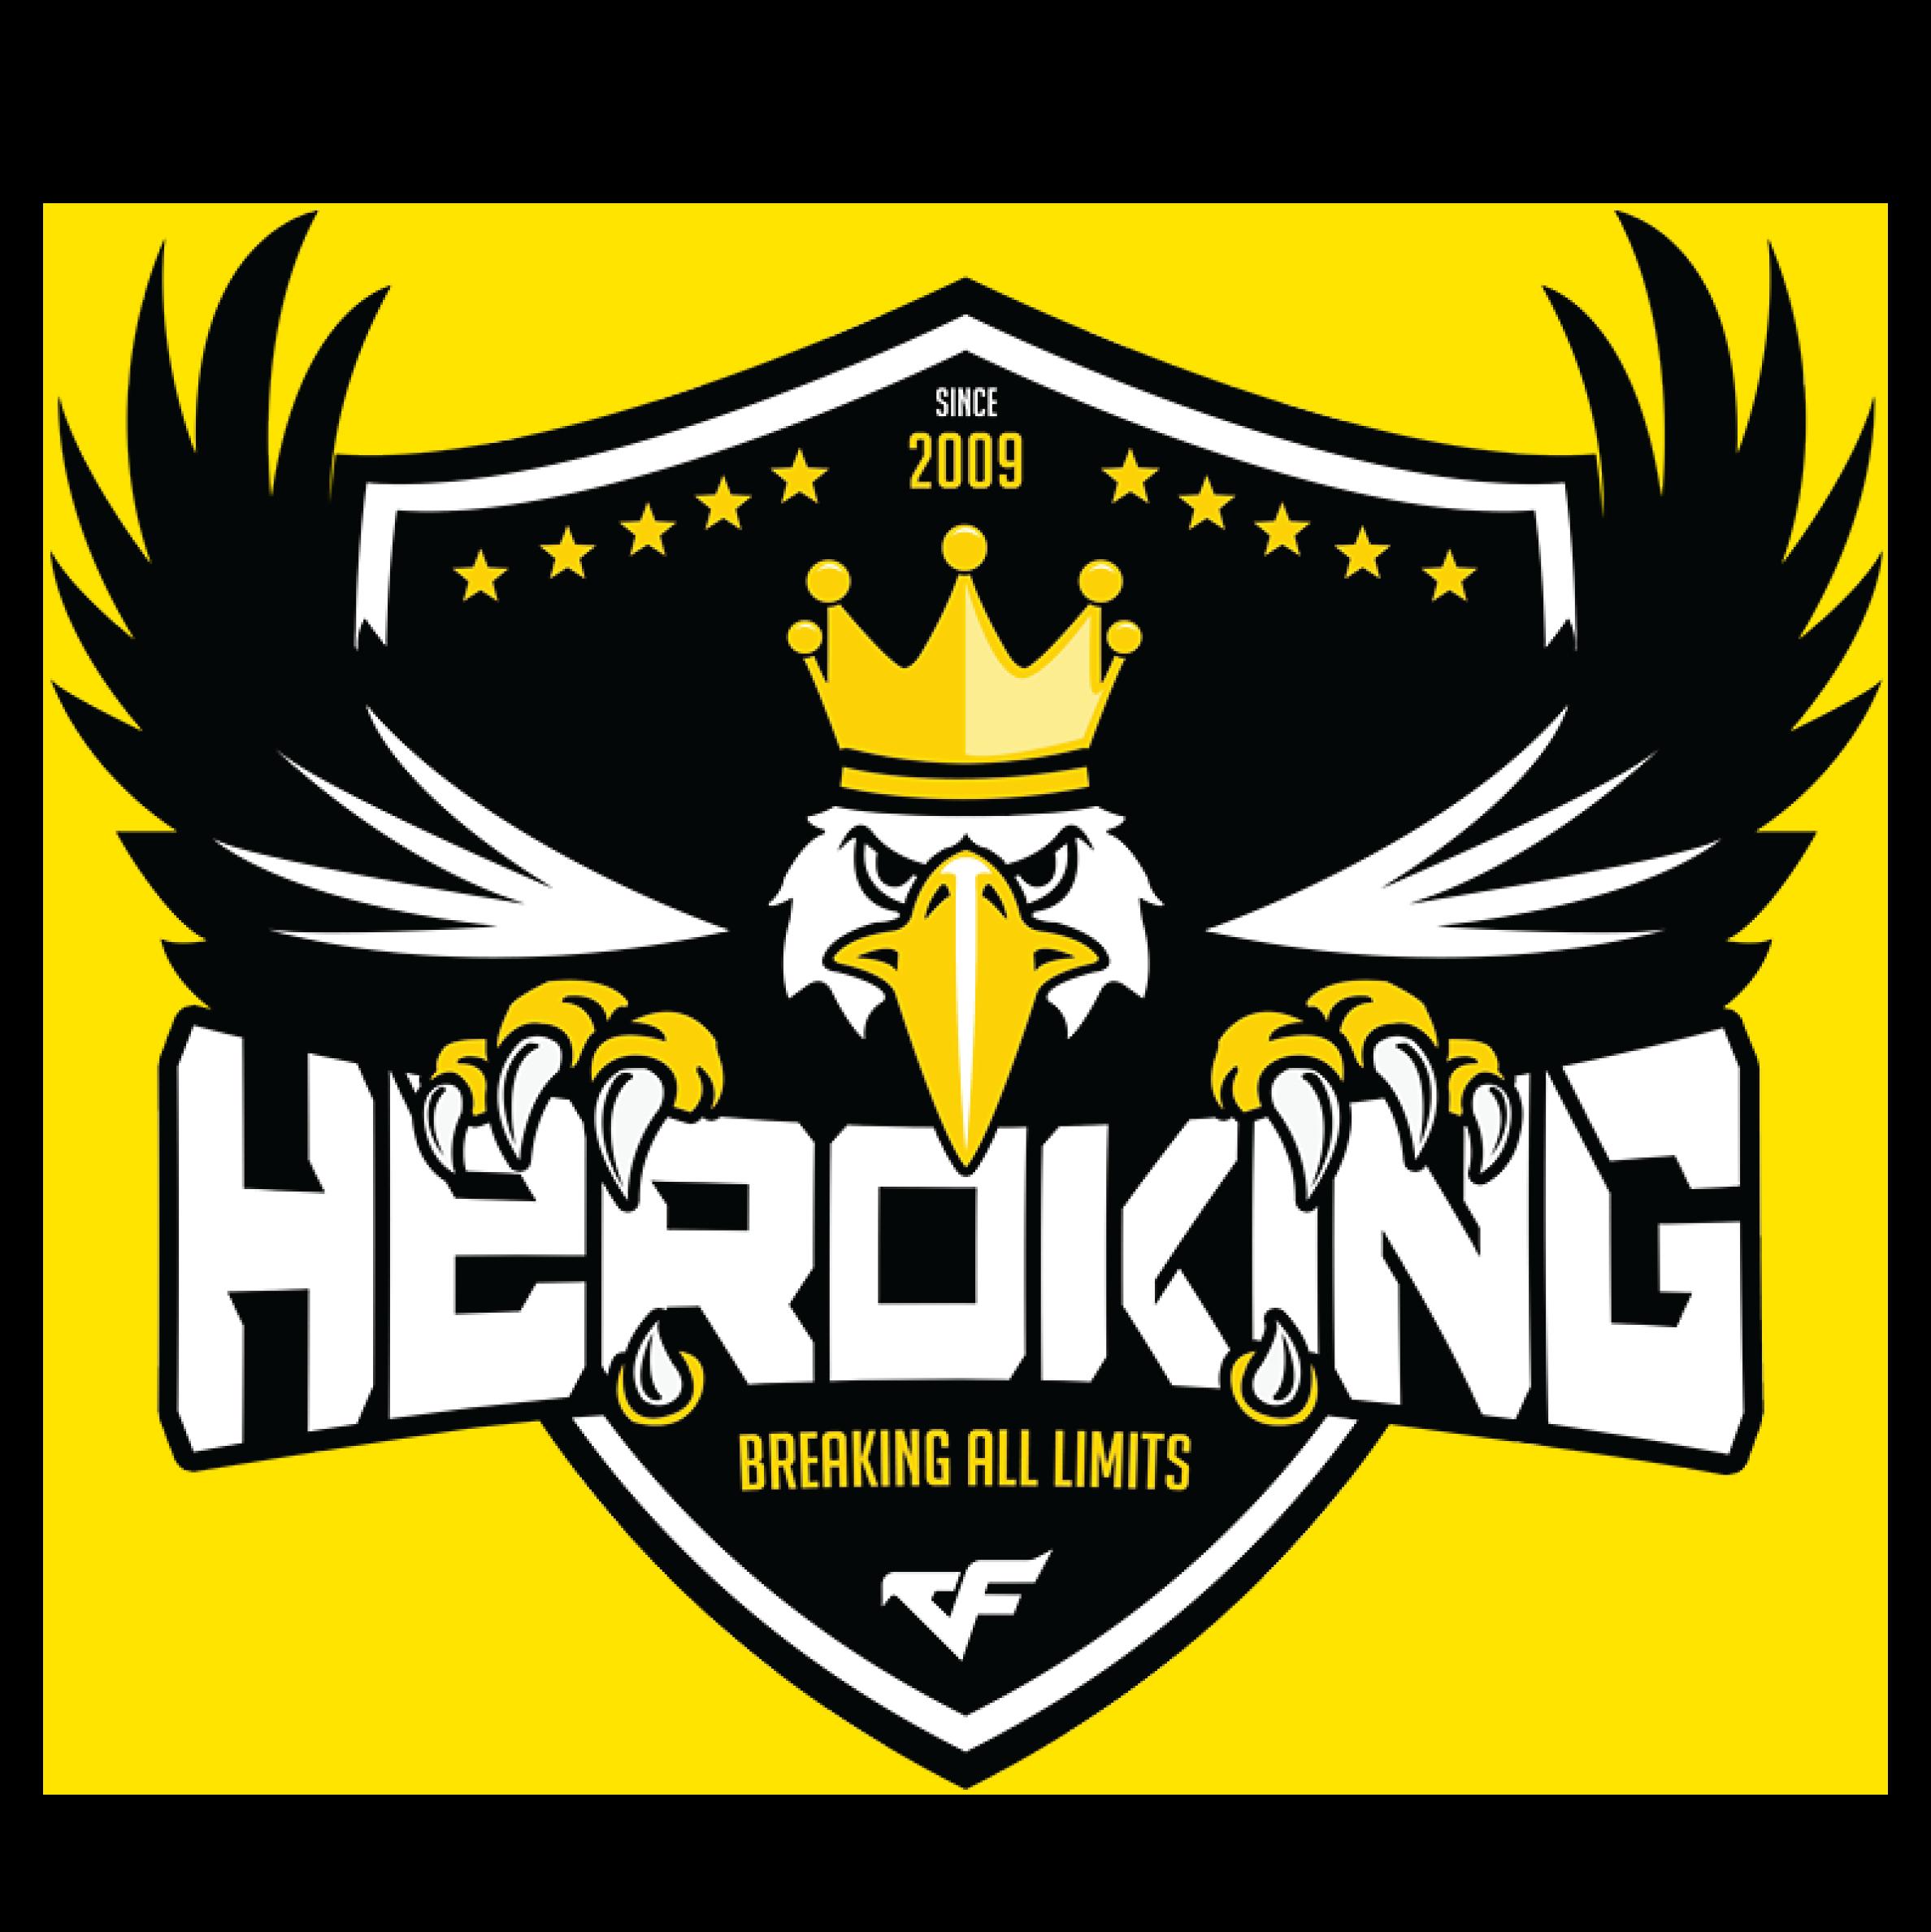 RioHeroking